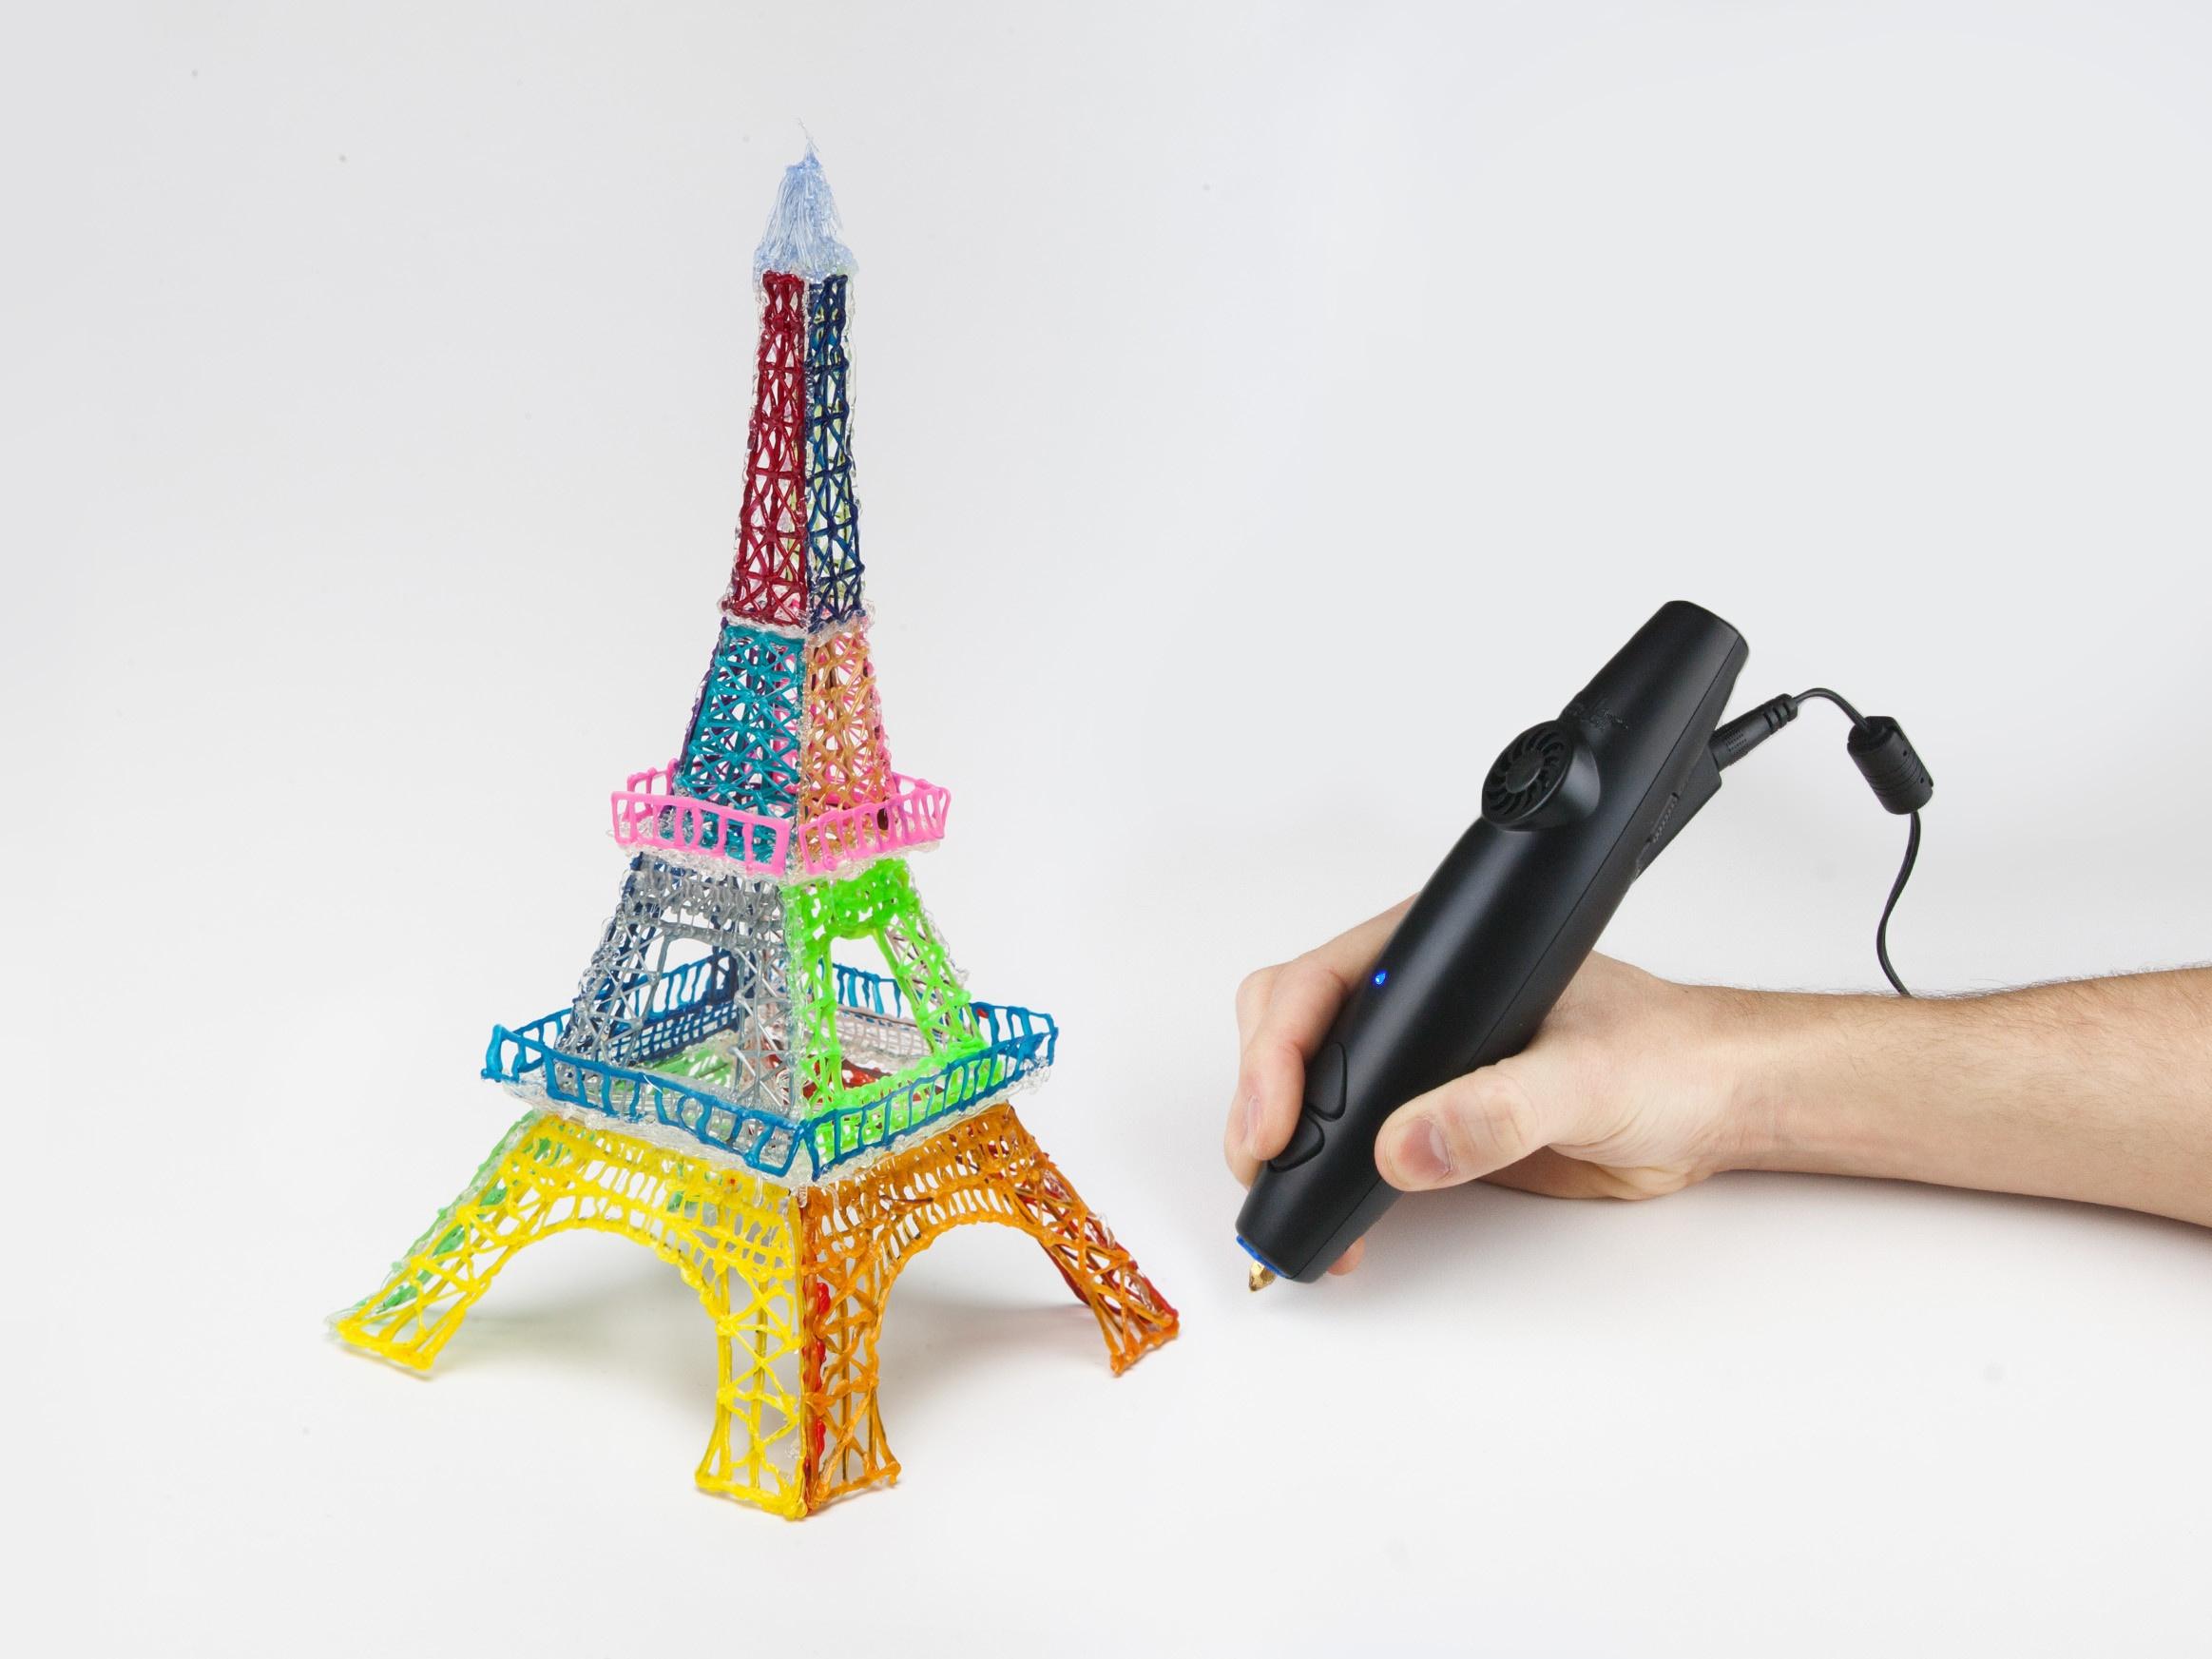 Чем отличается 3d ручка от 3d принтера